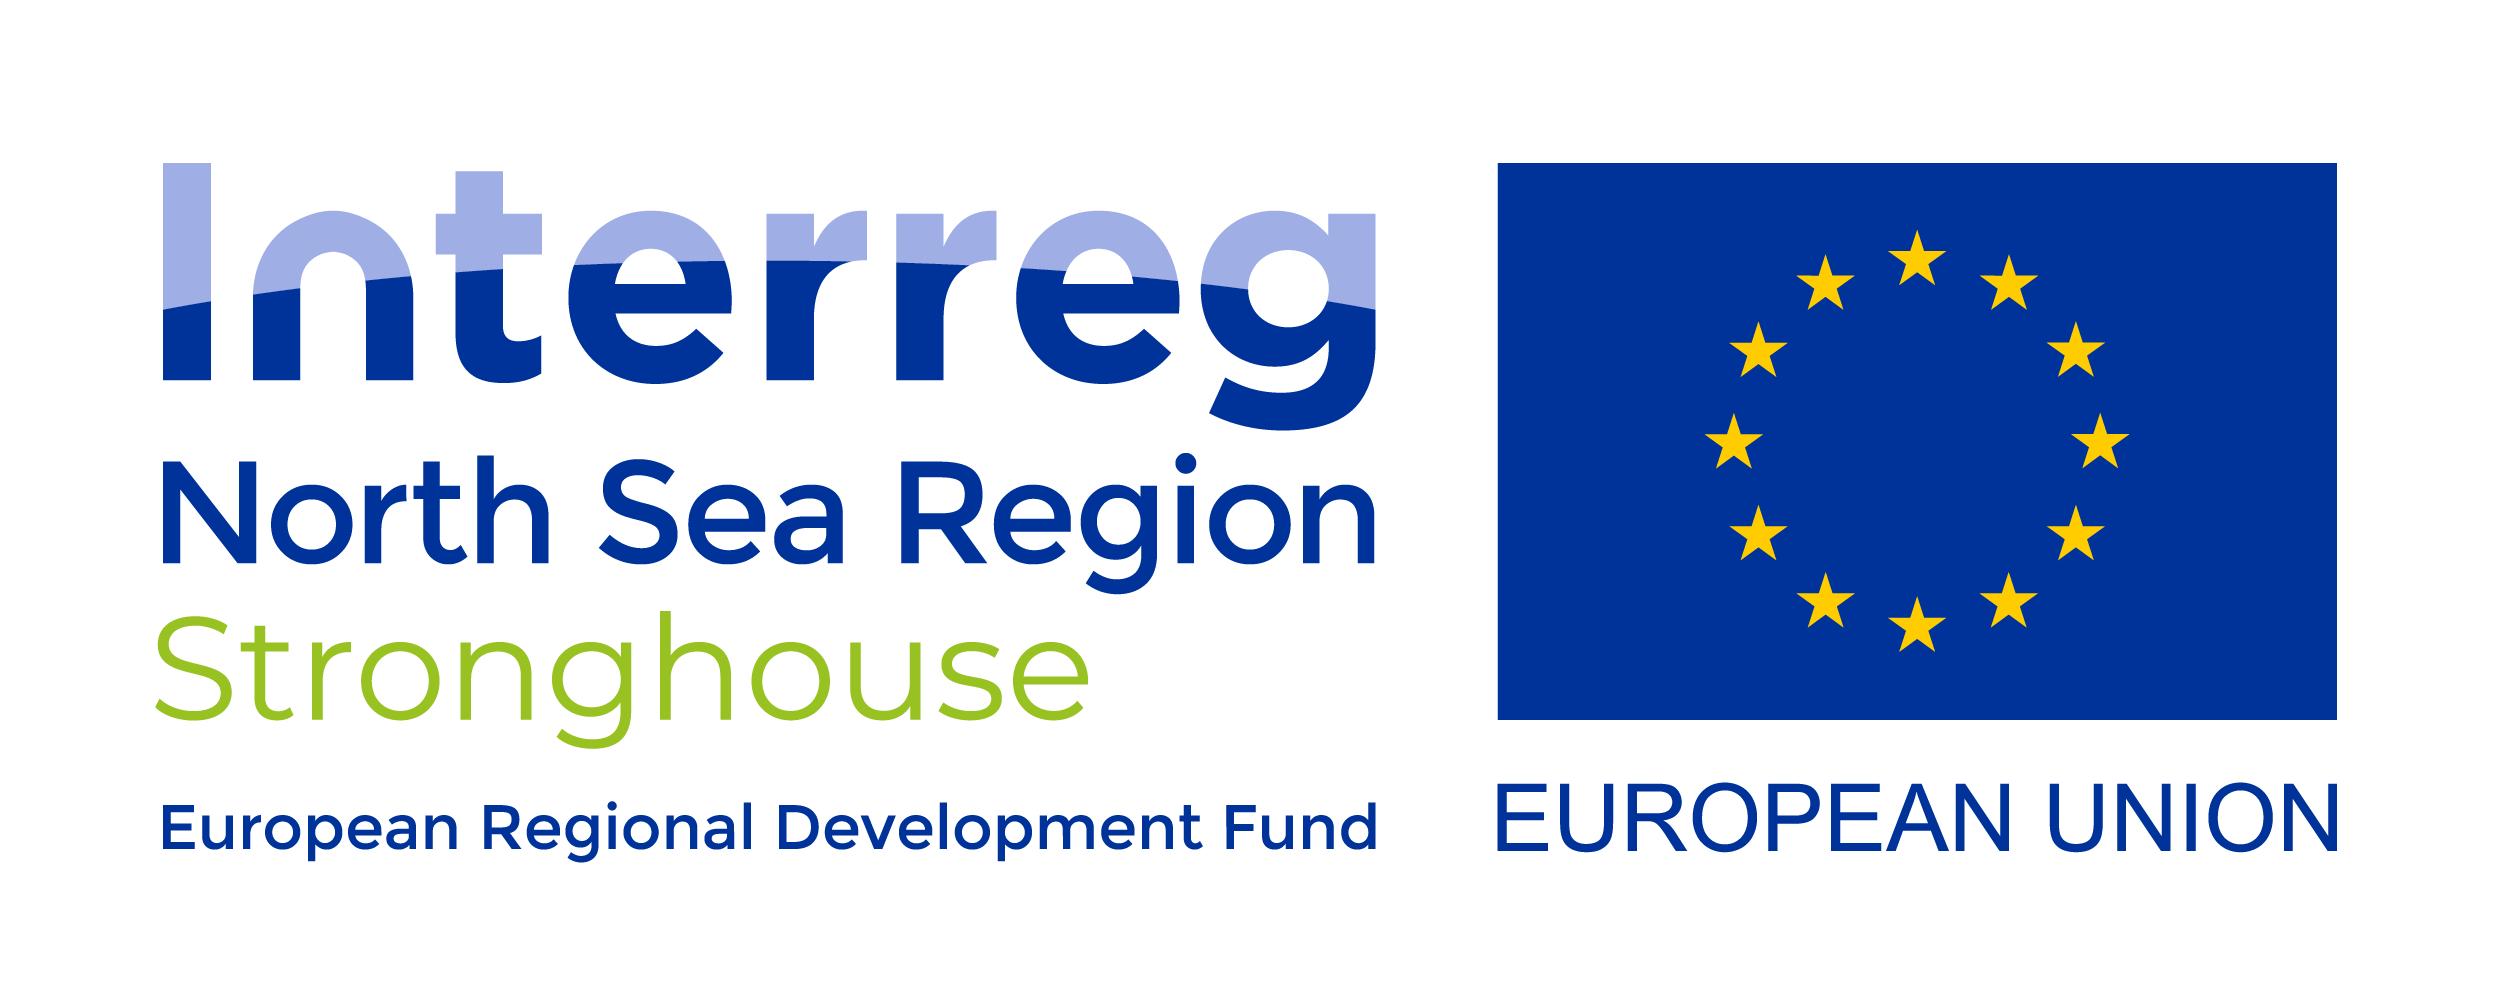 Het logo van het Interreg North Sea Region Stronghouse en het logo van de Europese Unie